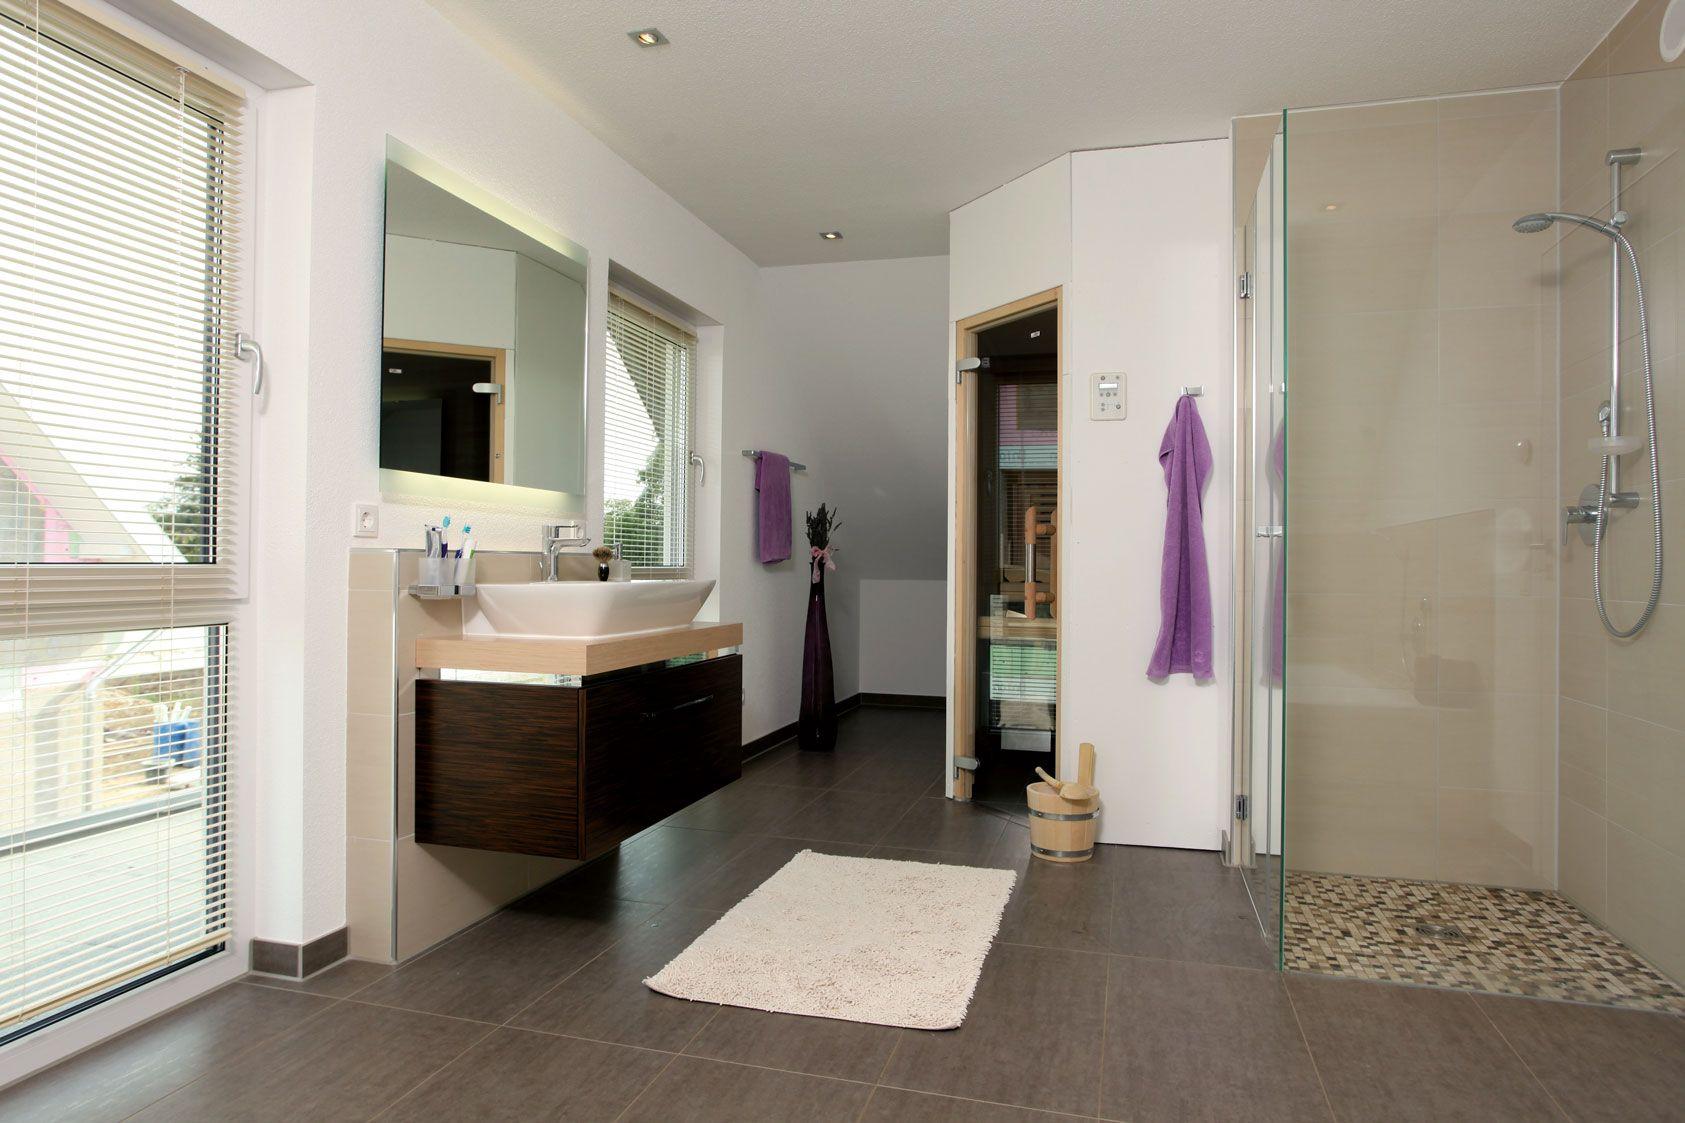 Wohnideen - Badezimmer mit Sauna und ebenerdiger Dusche ...